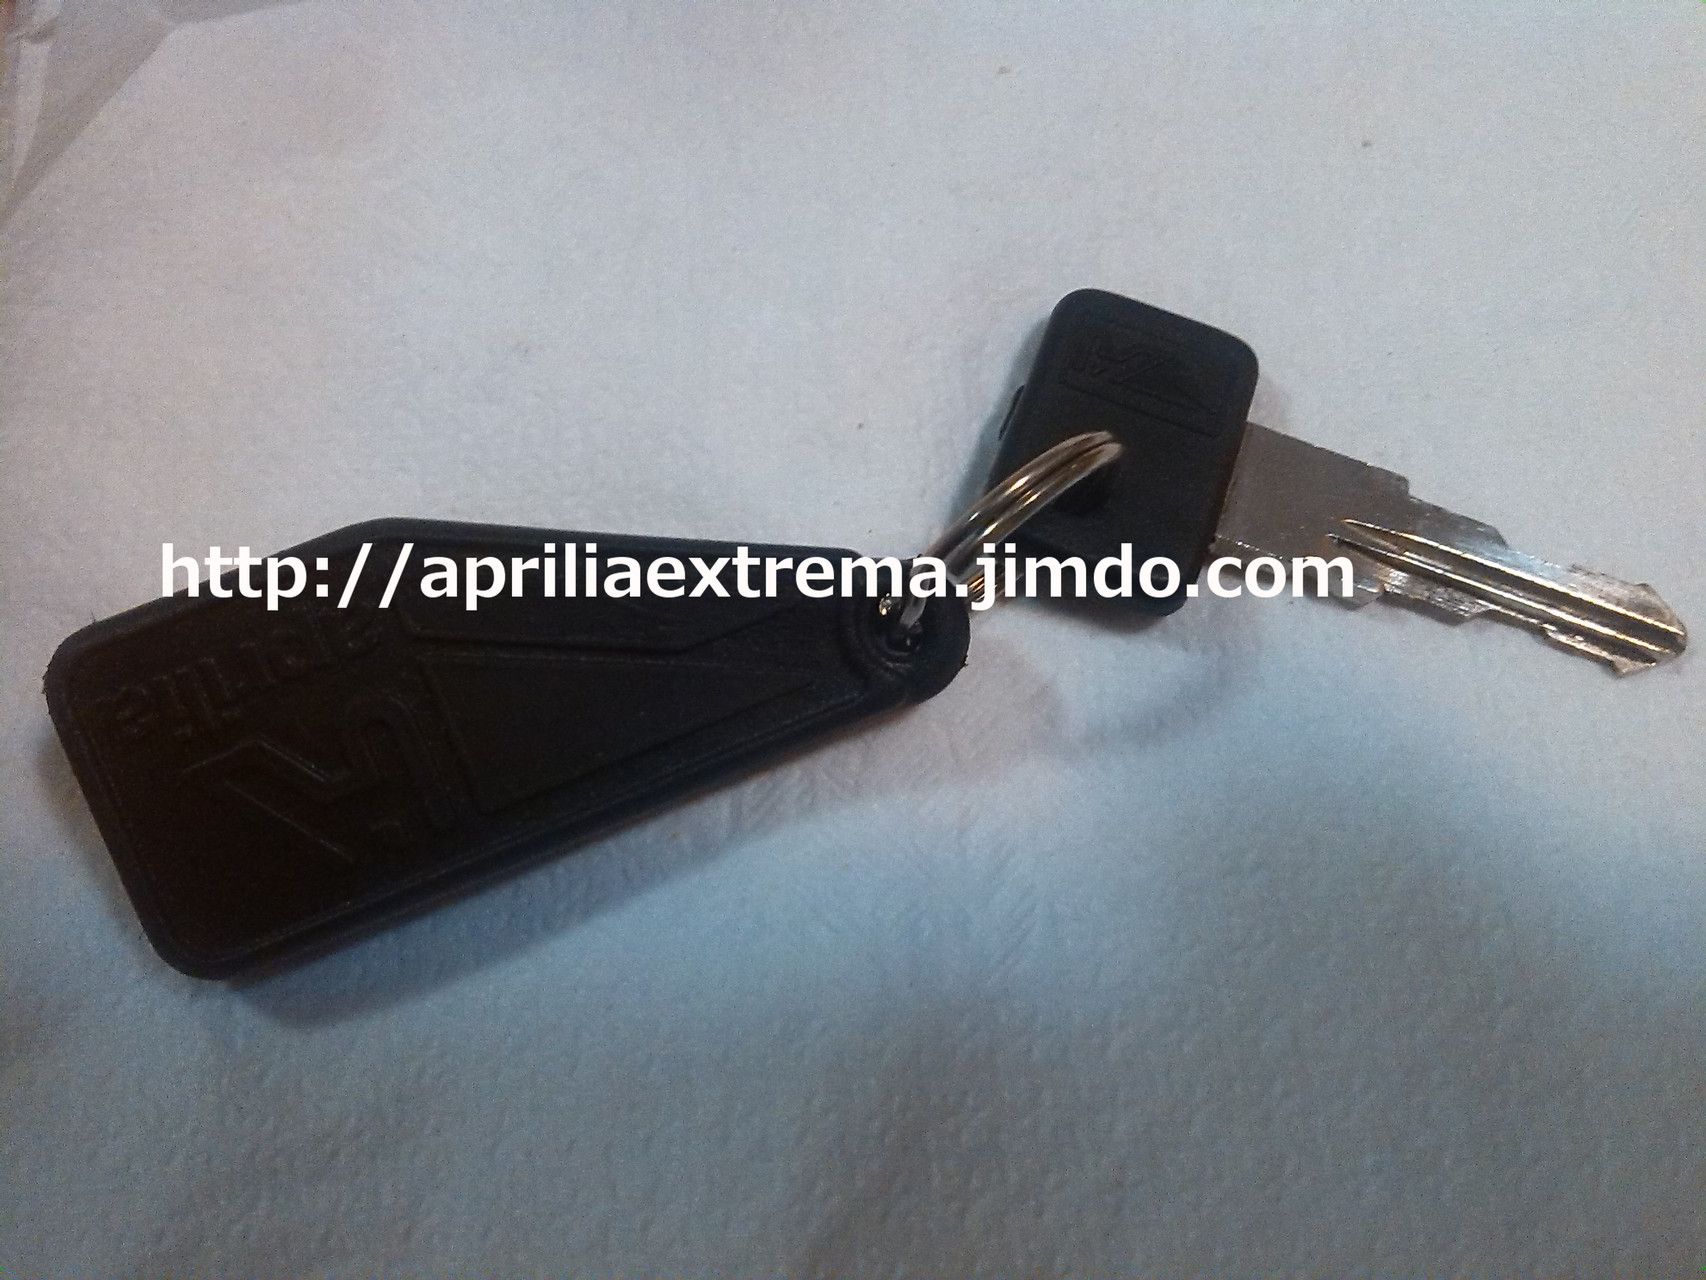 Chiave originale con portachiavi aprilia consegnato insieme alla moto